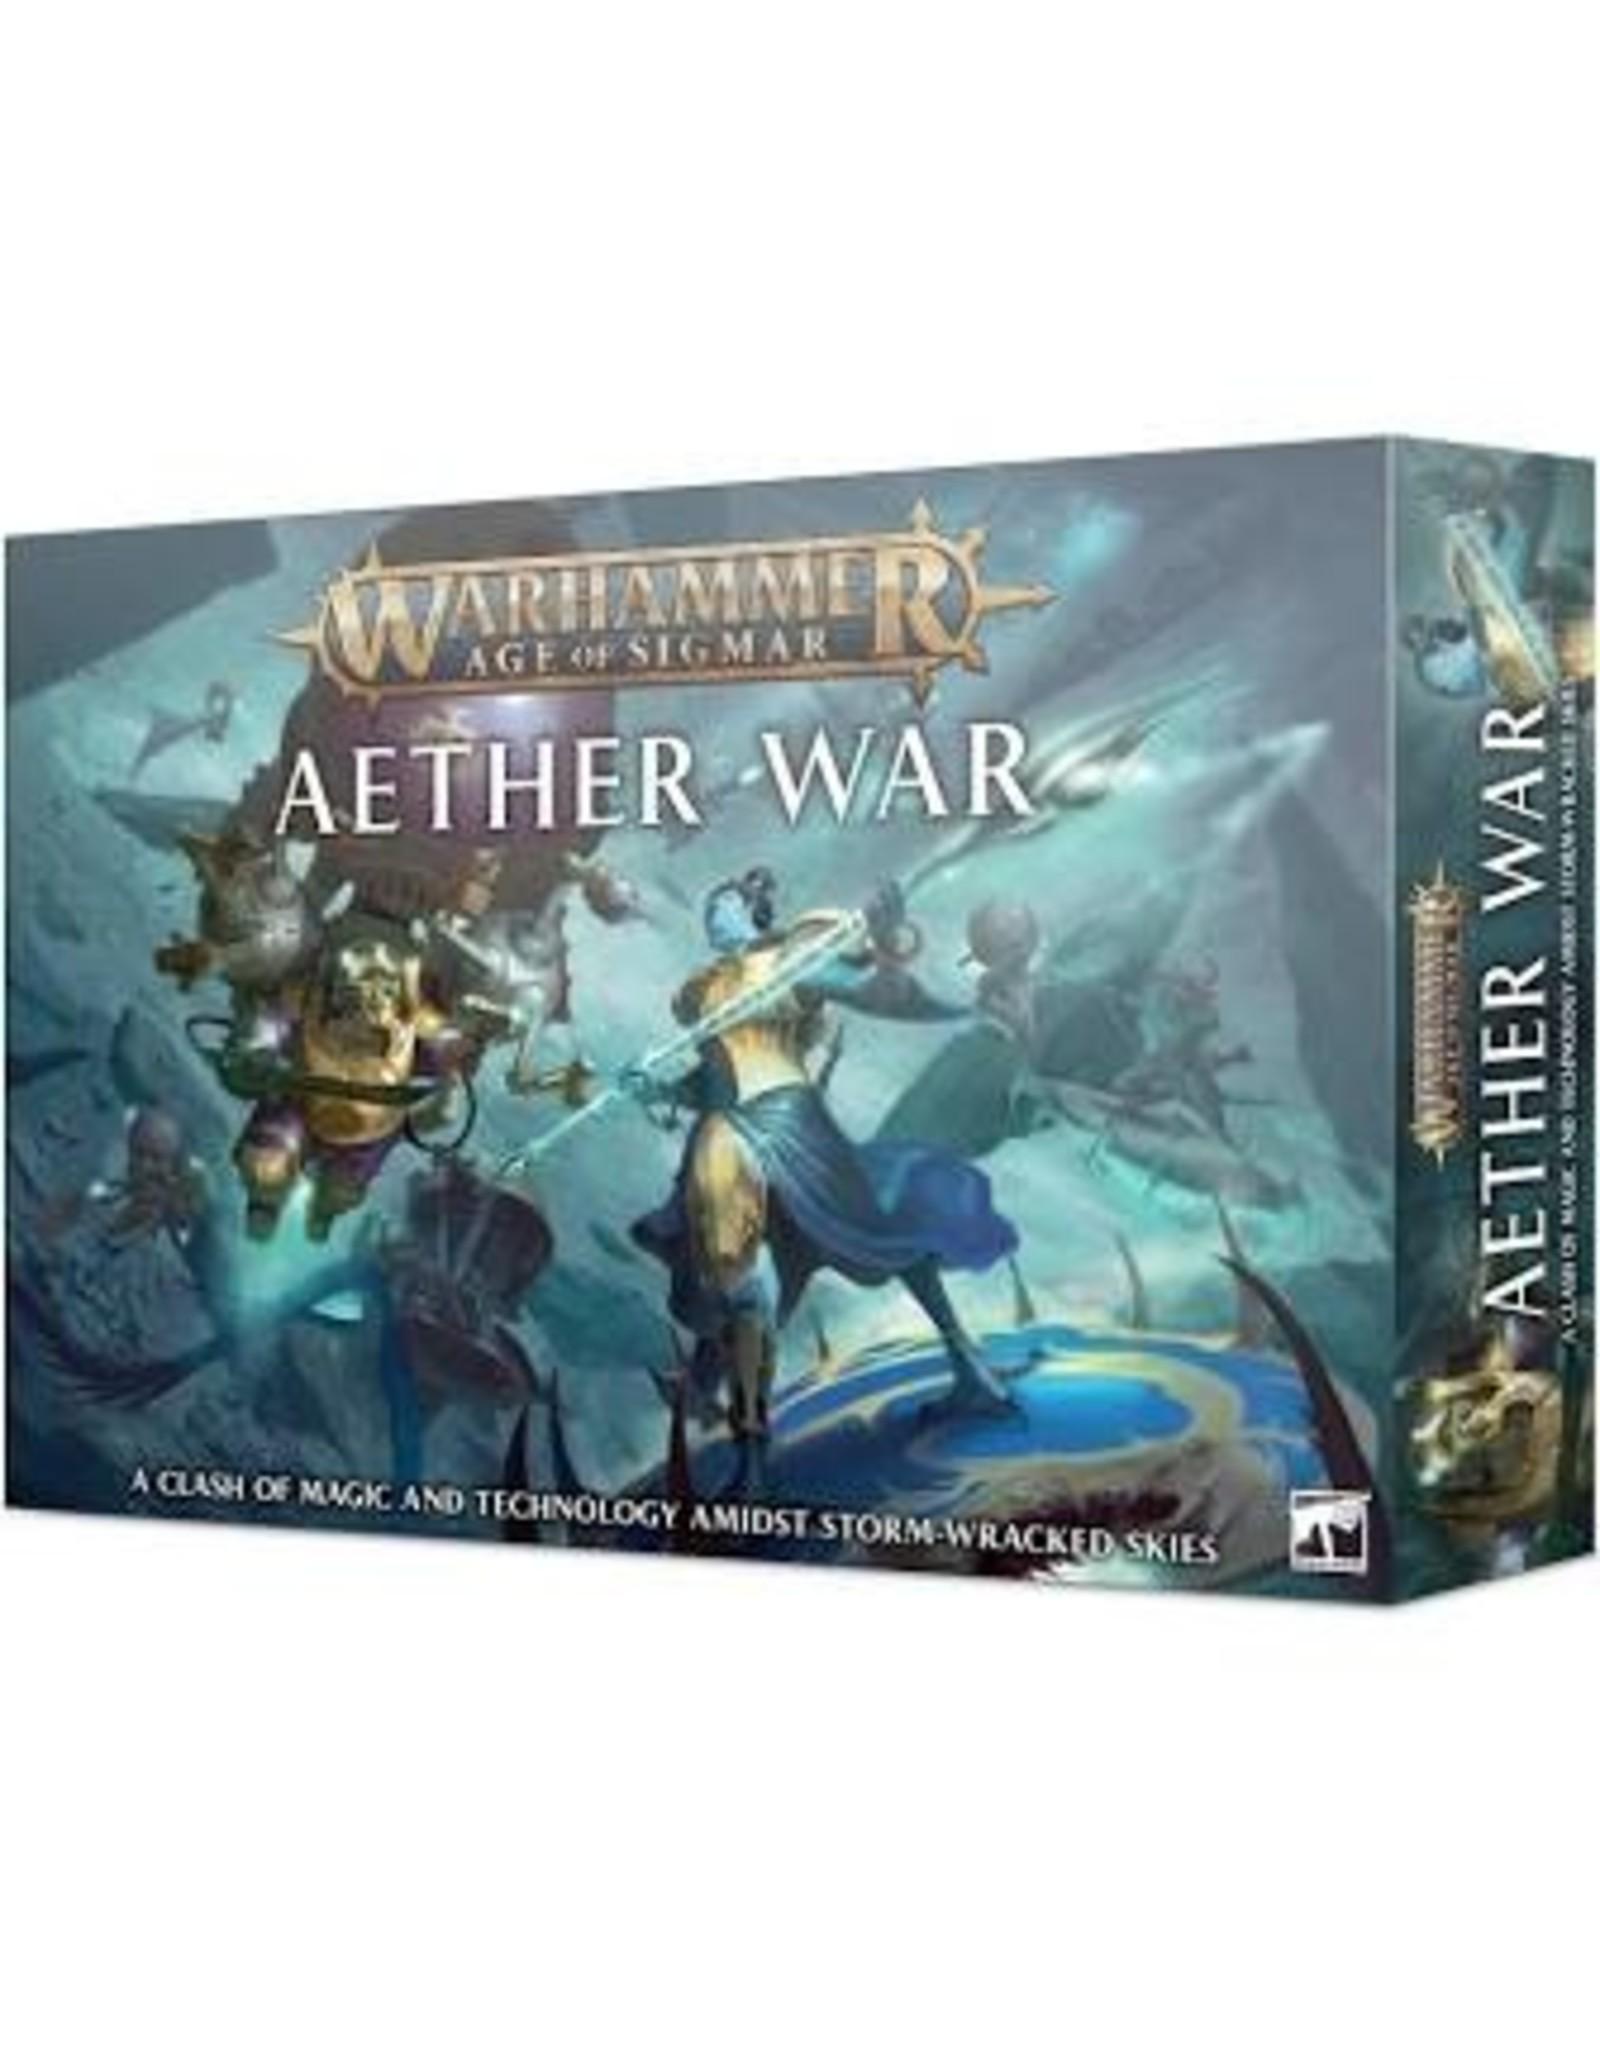 Age of Sigmar Warhammer Age of Sigmar: Aether War